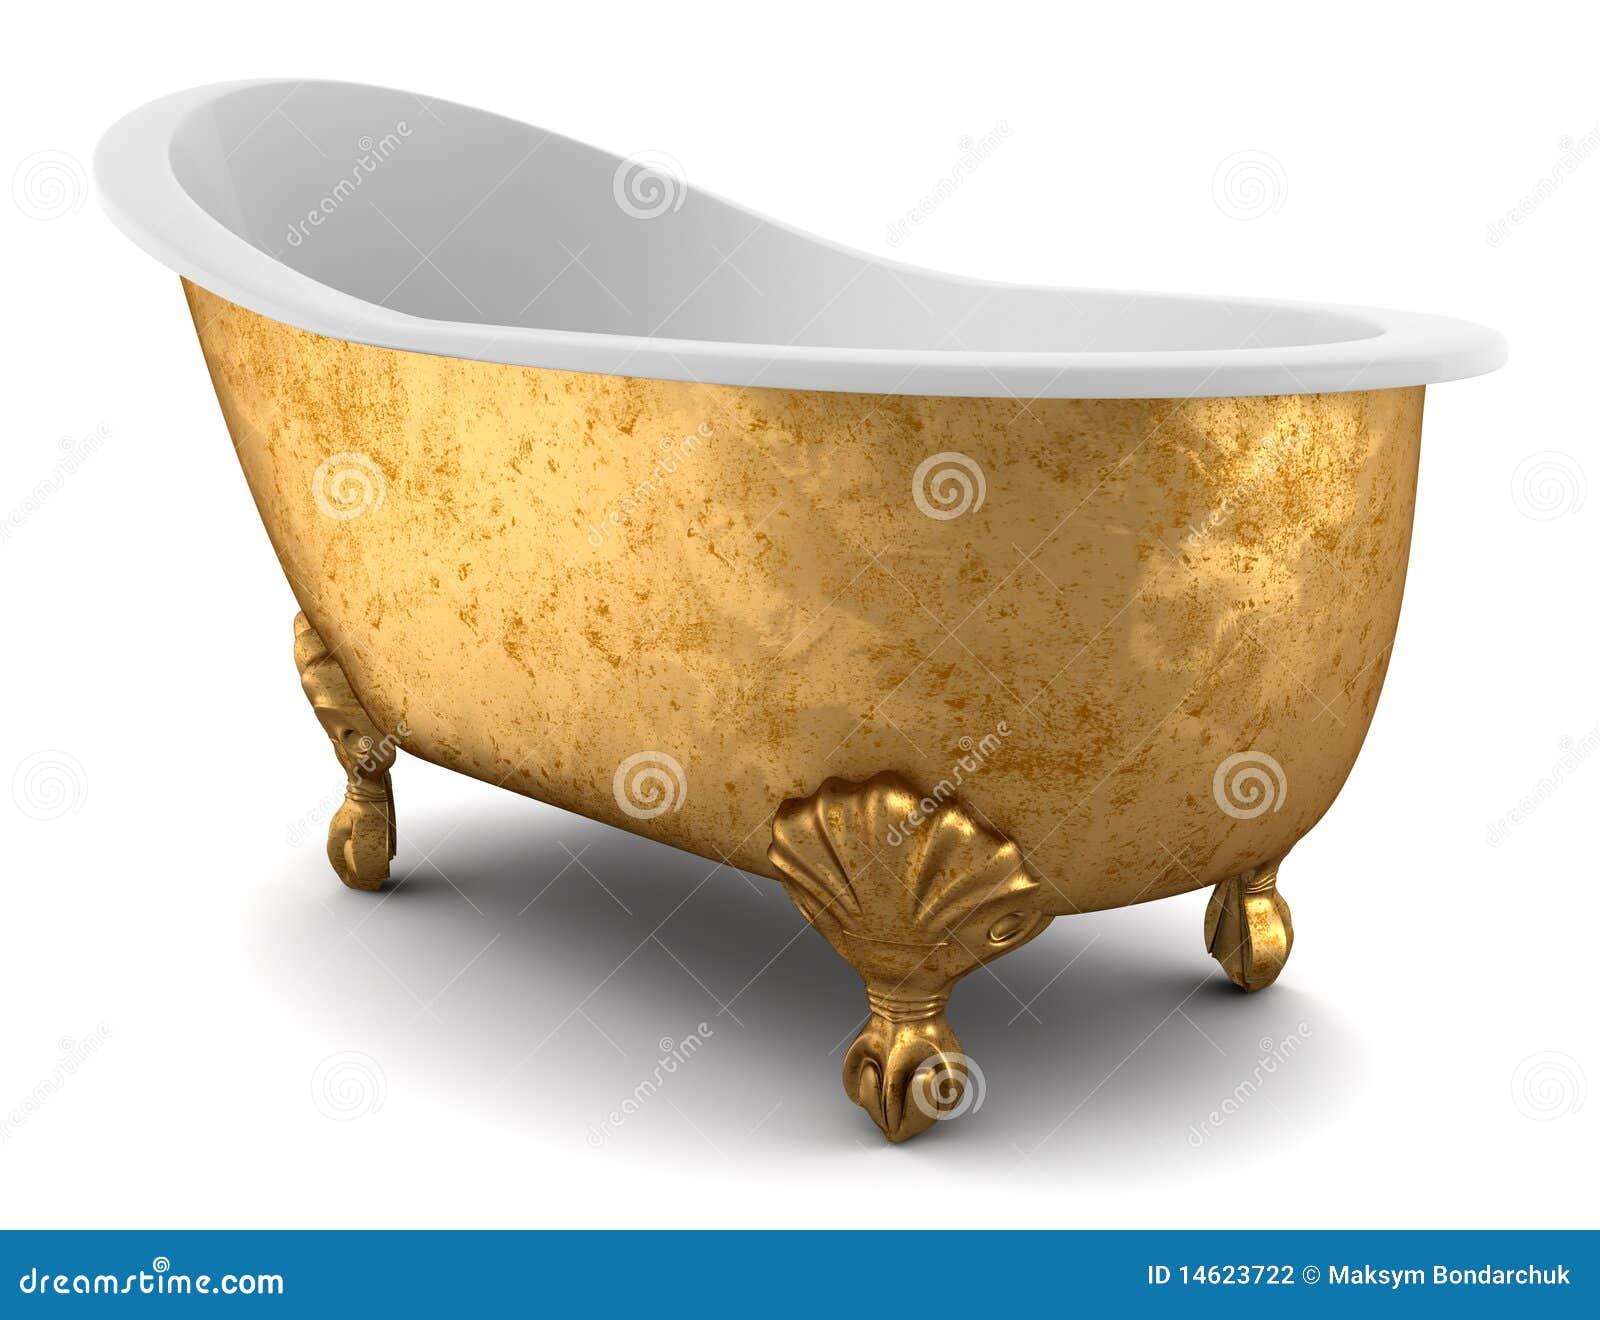 baignoire classique d 39 isolement sur le fond blanc photographie stock image 14623722. Black Bedroom Furniture Sets. Home Design Ideas